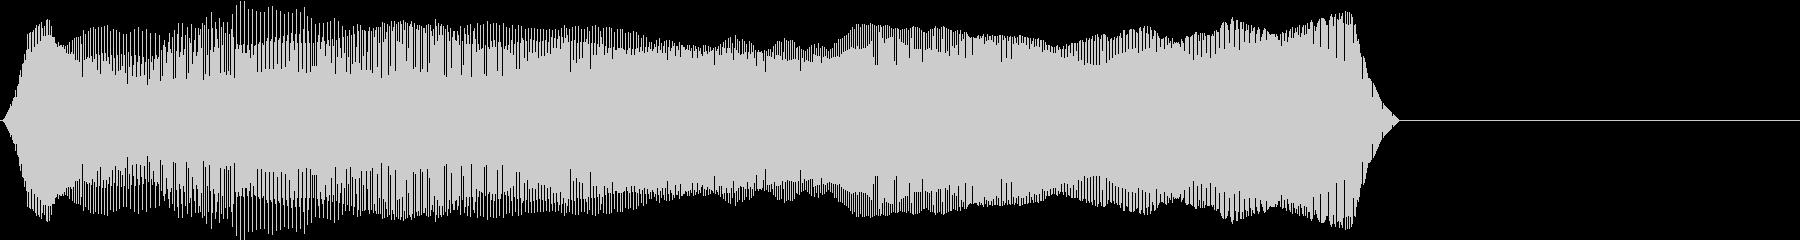 TVFX 『チェックポイント!』のSE1の未再生の波形